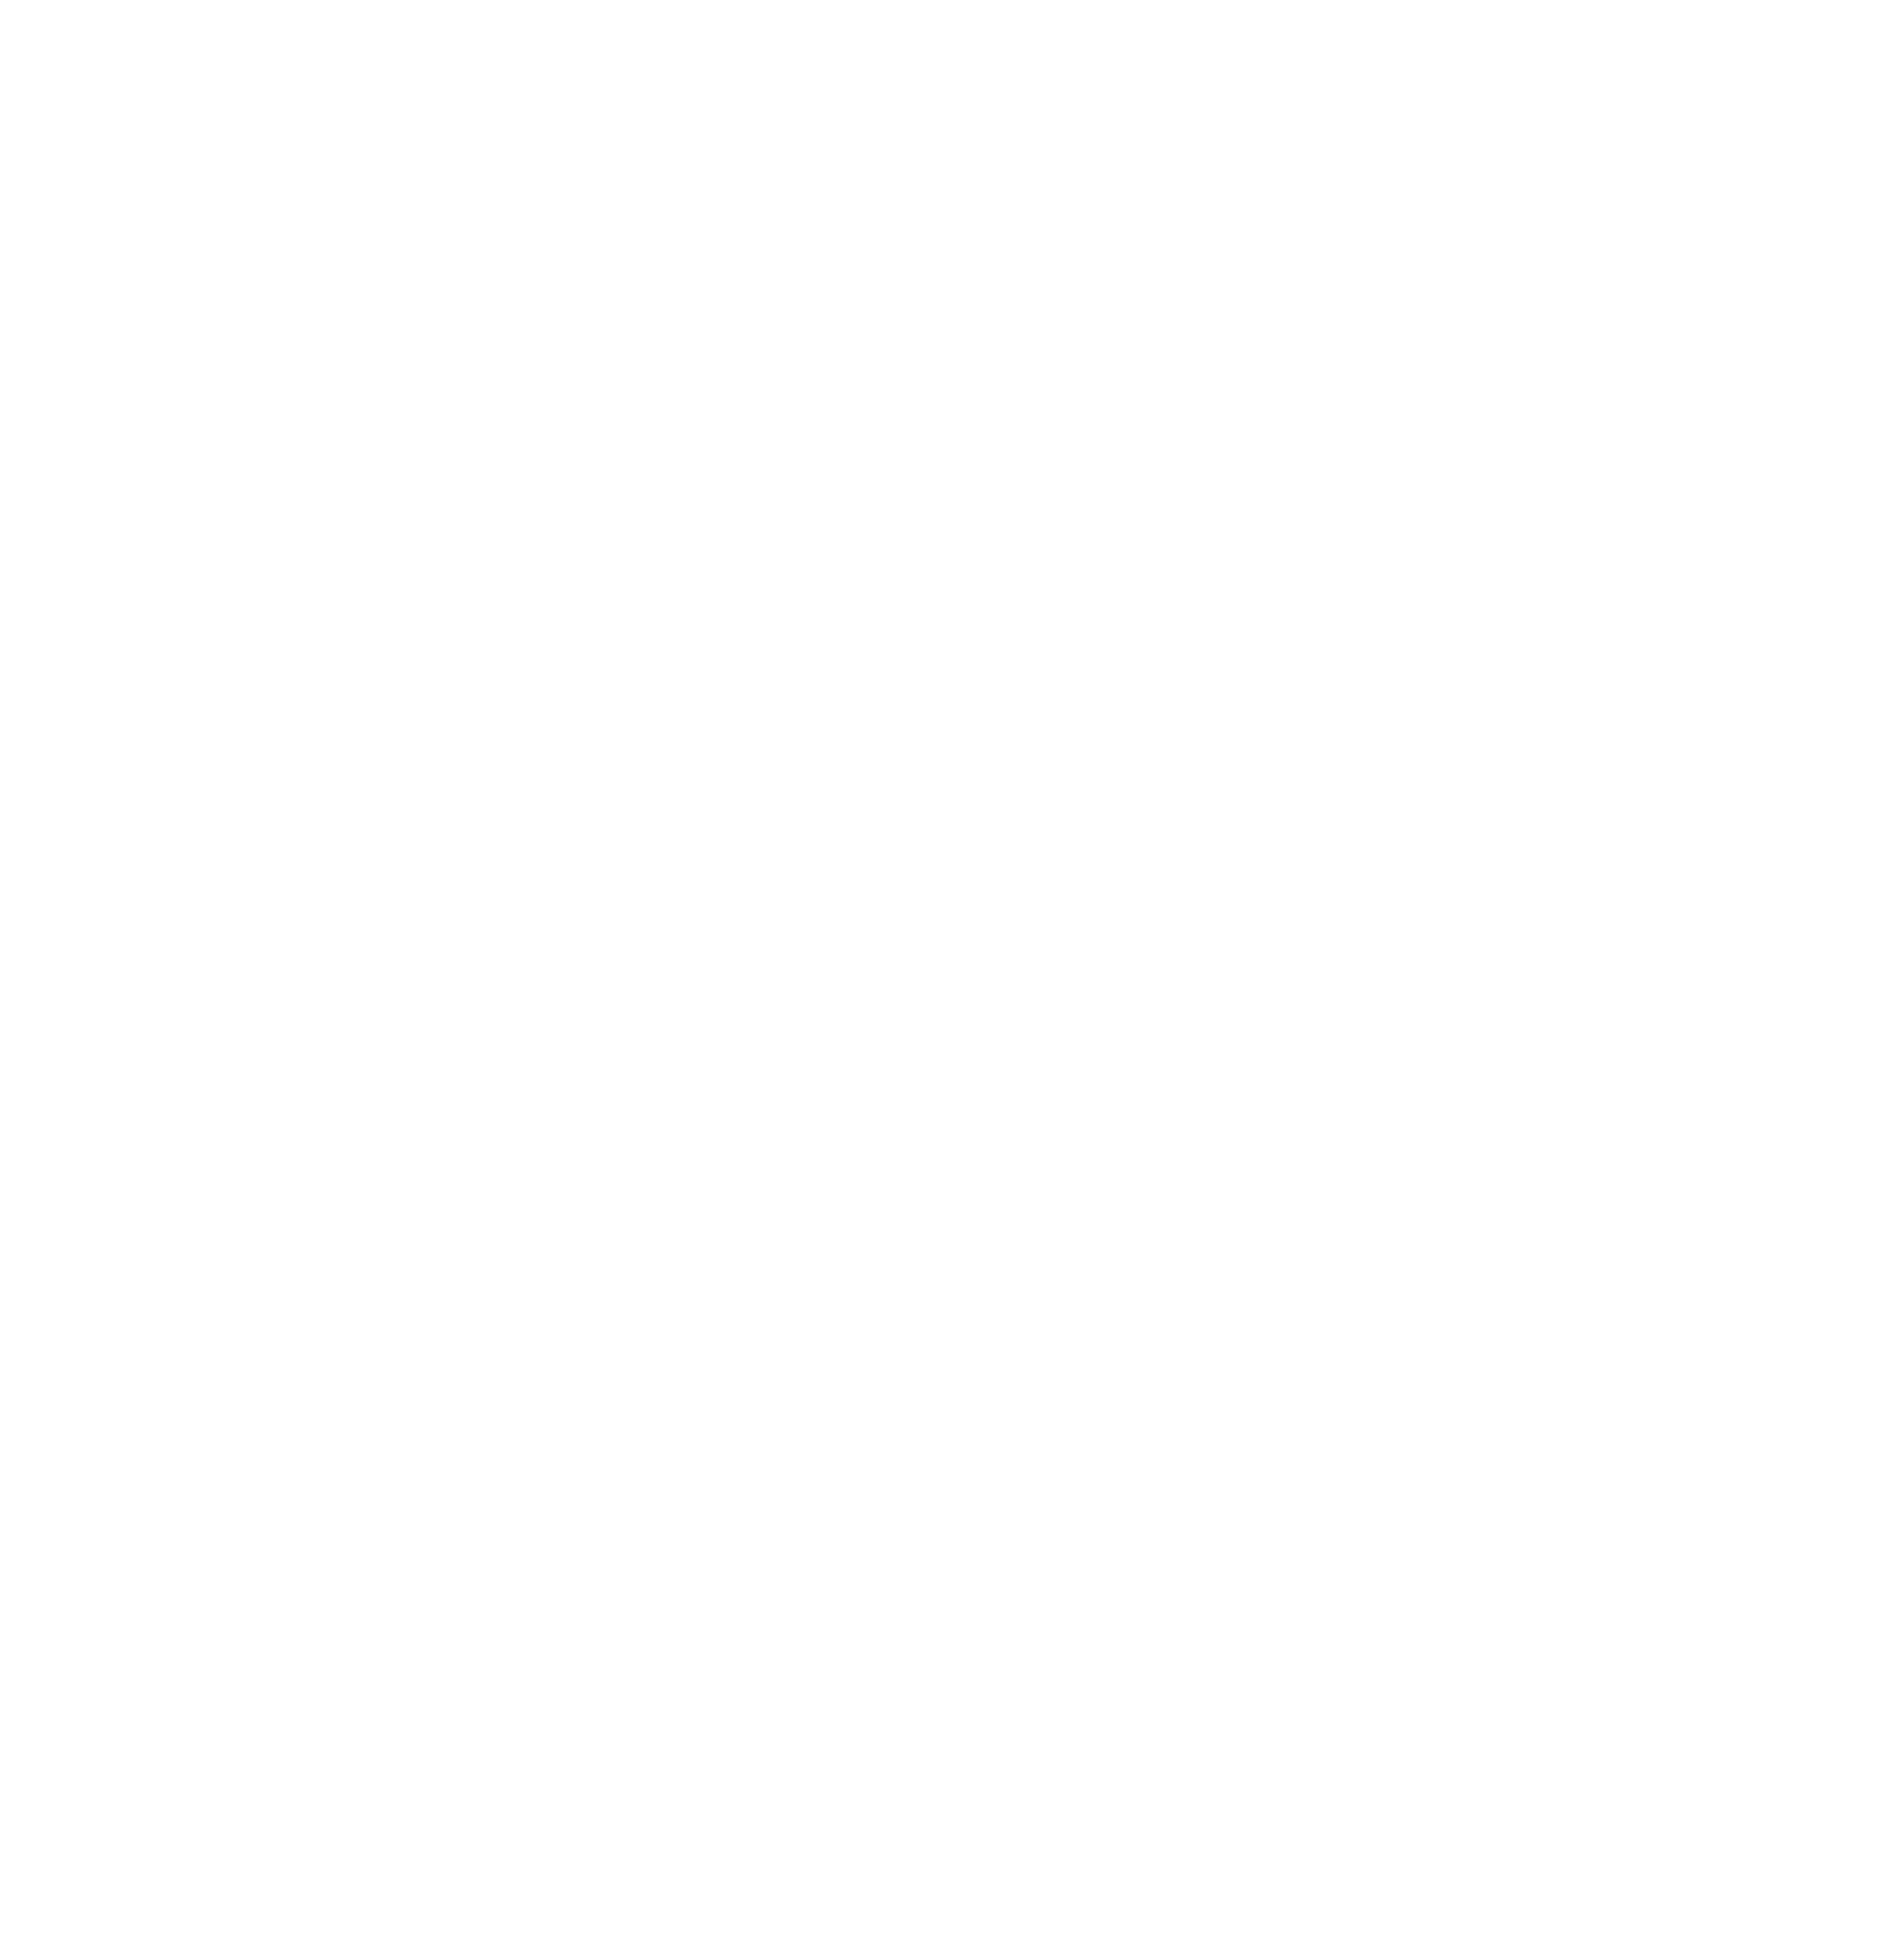 Dae Martin UK Artist   UK Producer   UK Sound Engineer